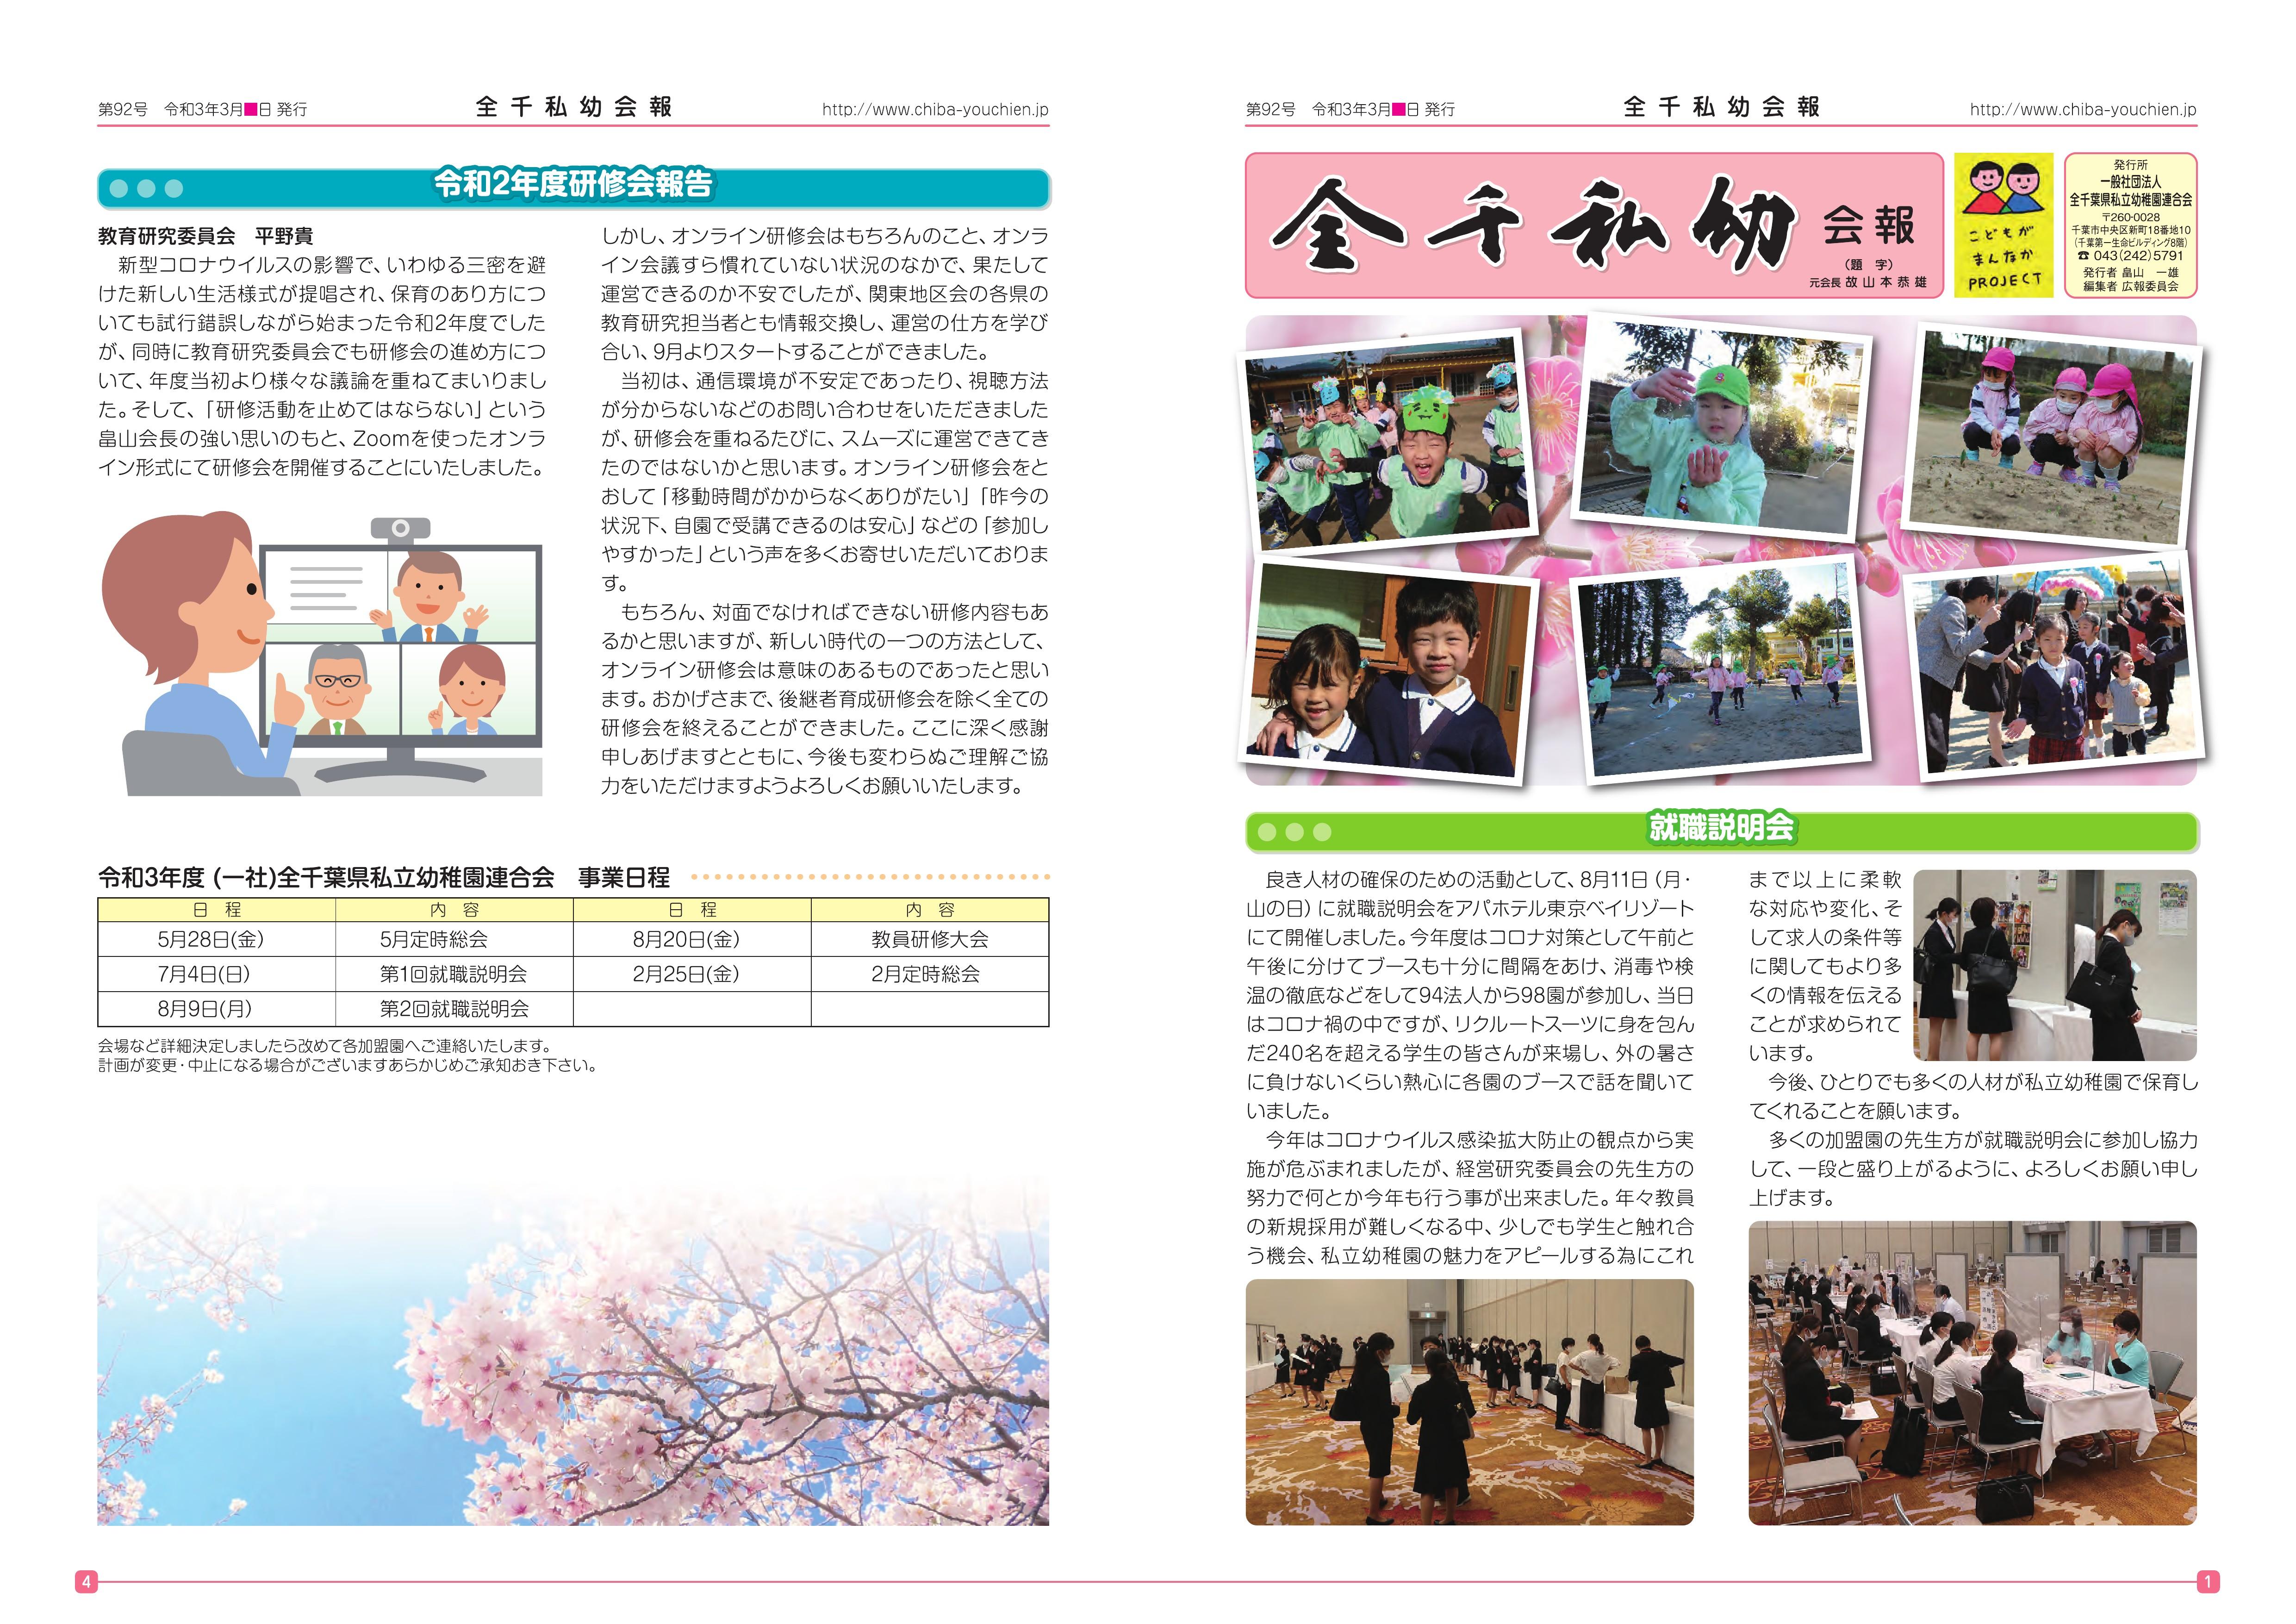 https://www.chiba-youchien.jp/news/92%E5%8F%B7P1%E8%A1%A8%E7%B4%99_P4%E8%A3%8F%E8%A1%A8%E7%B4%99_0322.jpg